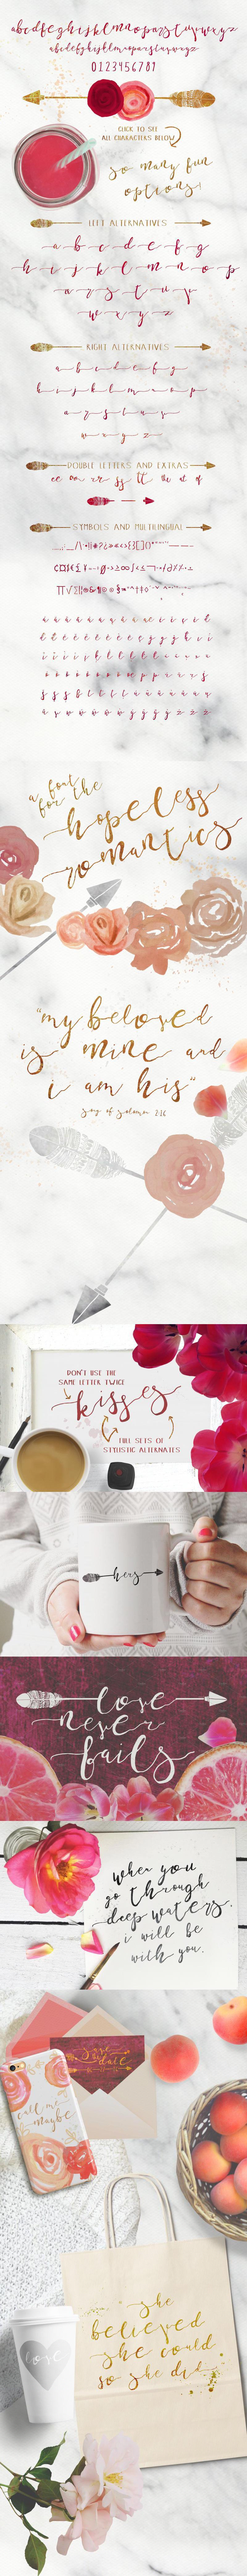 ArrowScript Font & Watercolor Bonus